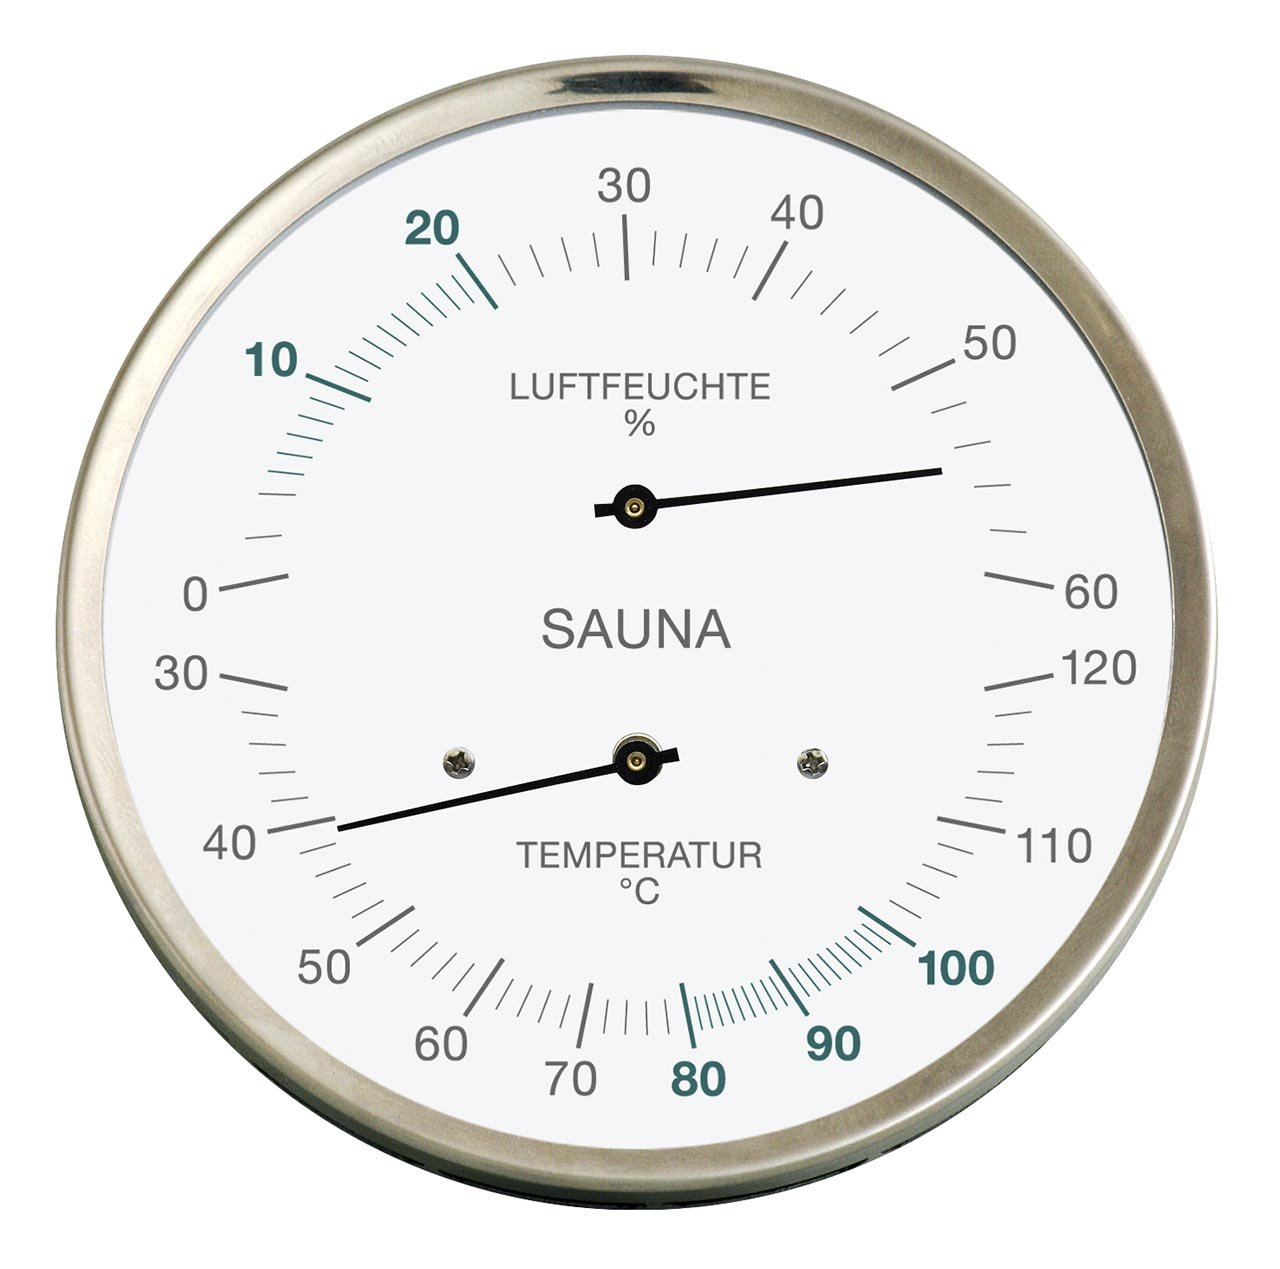 Sauna-Thermohygrometer, Edelstahlgehäuse, Ø 130 mm Feingerätebau K. Fischer GmbH